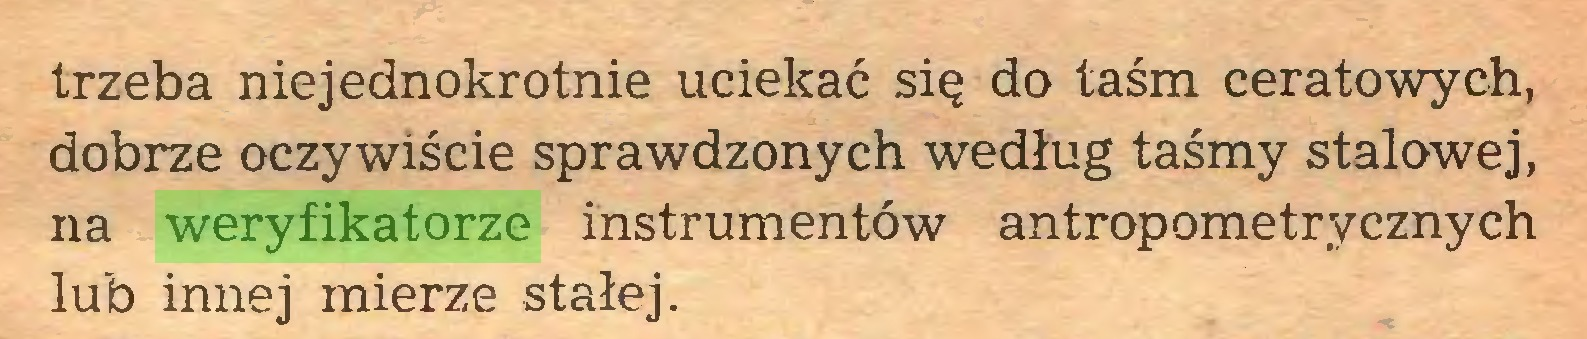 (...) trzeba niejednokrotnie uciekać się do taśm ceratowych, dobrze oczywiście sprawdzonych według taśmy stalowej, na weryfikatorze instrumentów antropometrycznych lub innej mierze stałej...